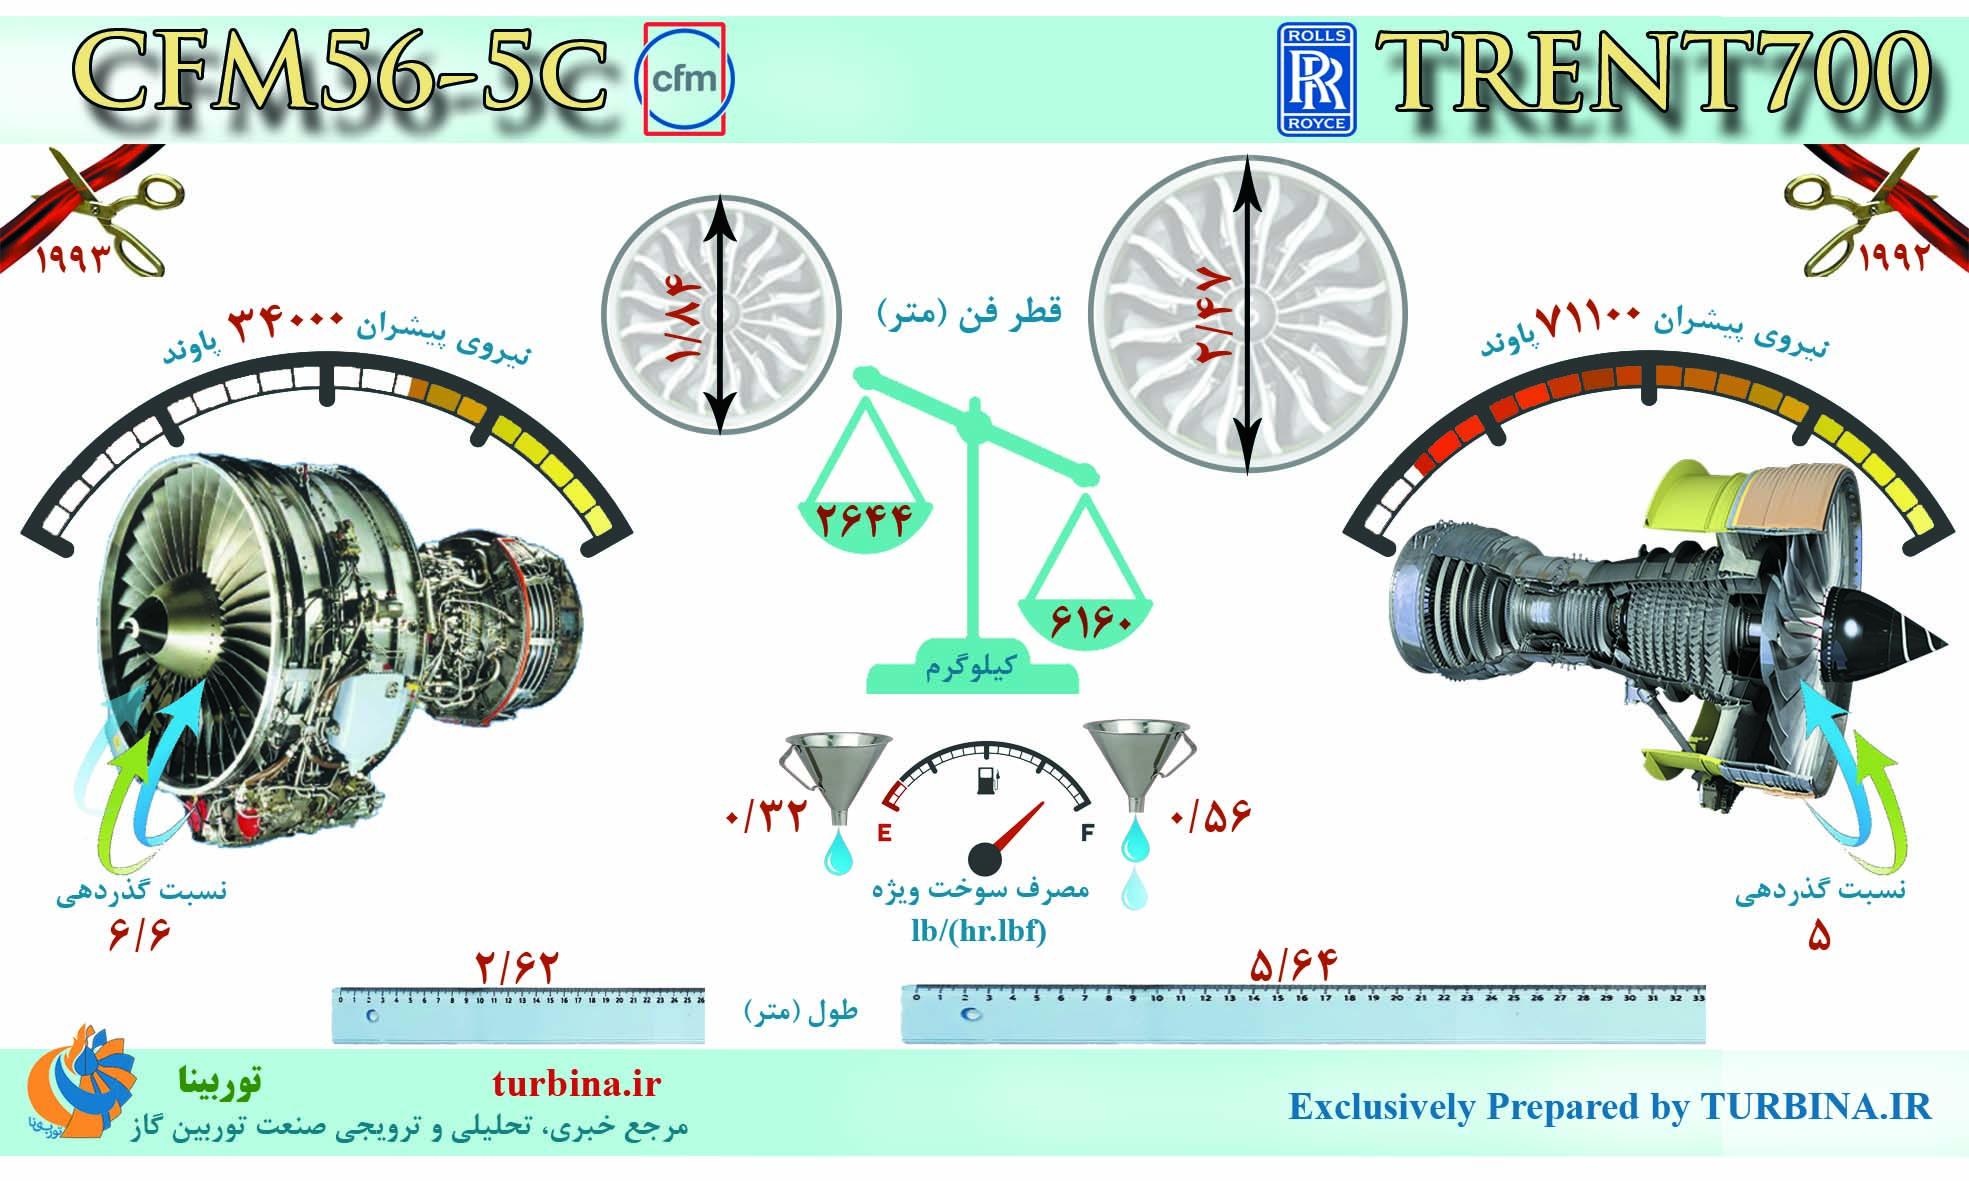 مقایسه موتورهای CFM56-5C و TRENT700